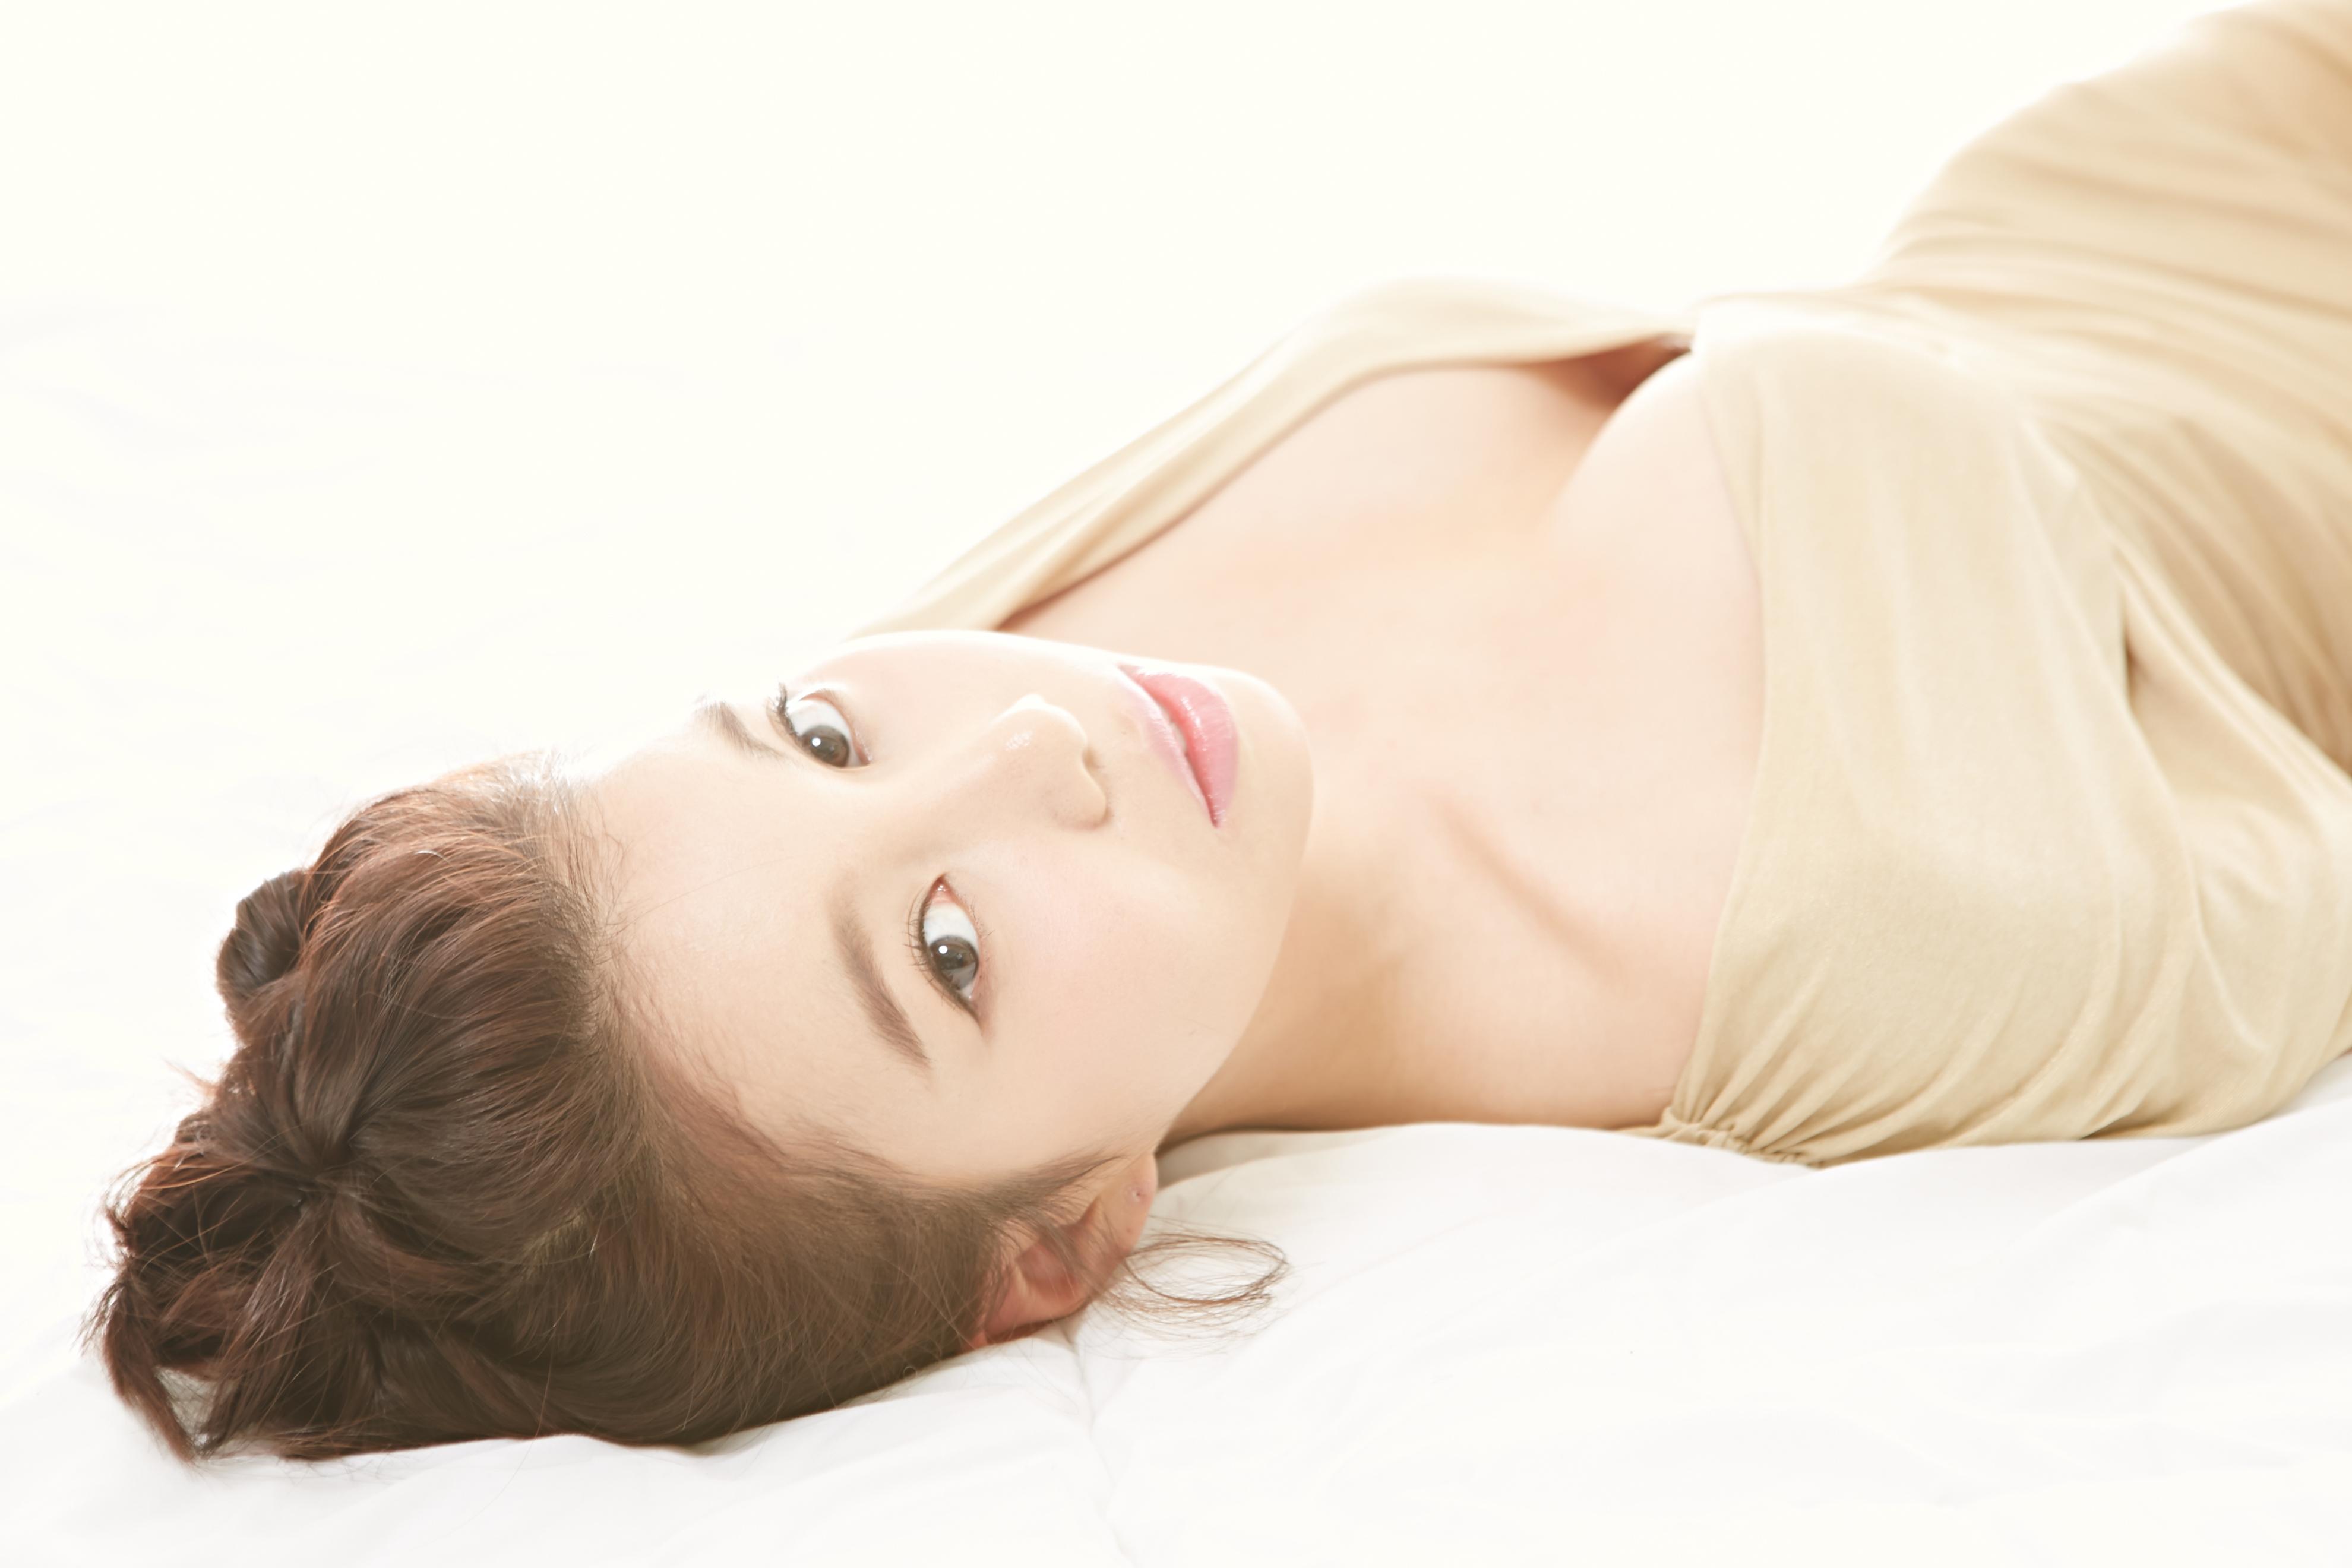 거대유방증, '가슴축소술'로 미용ㆍ건강 다 잡아